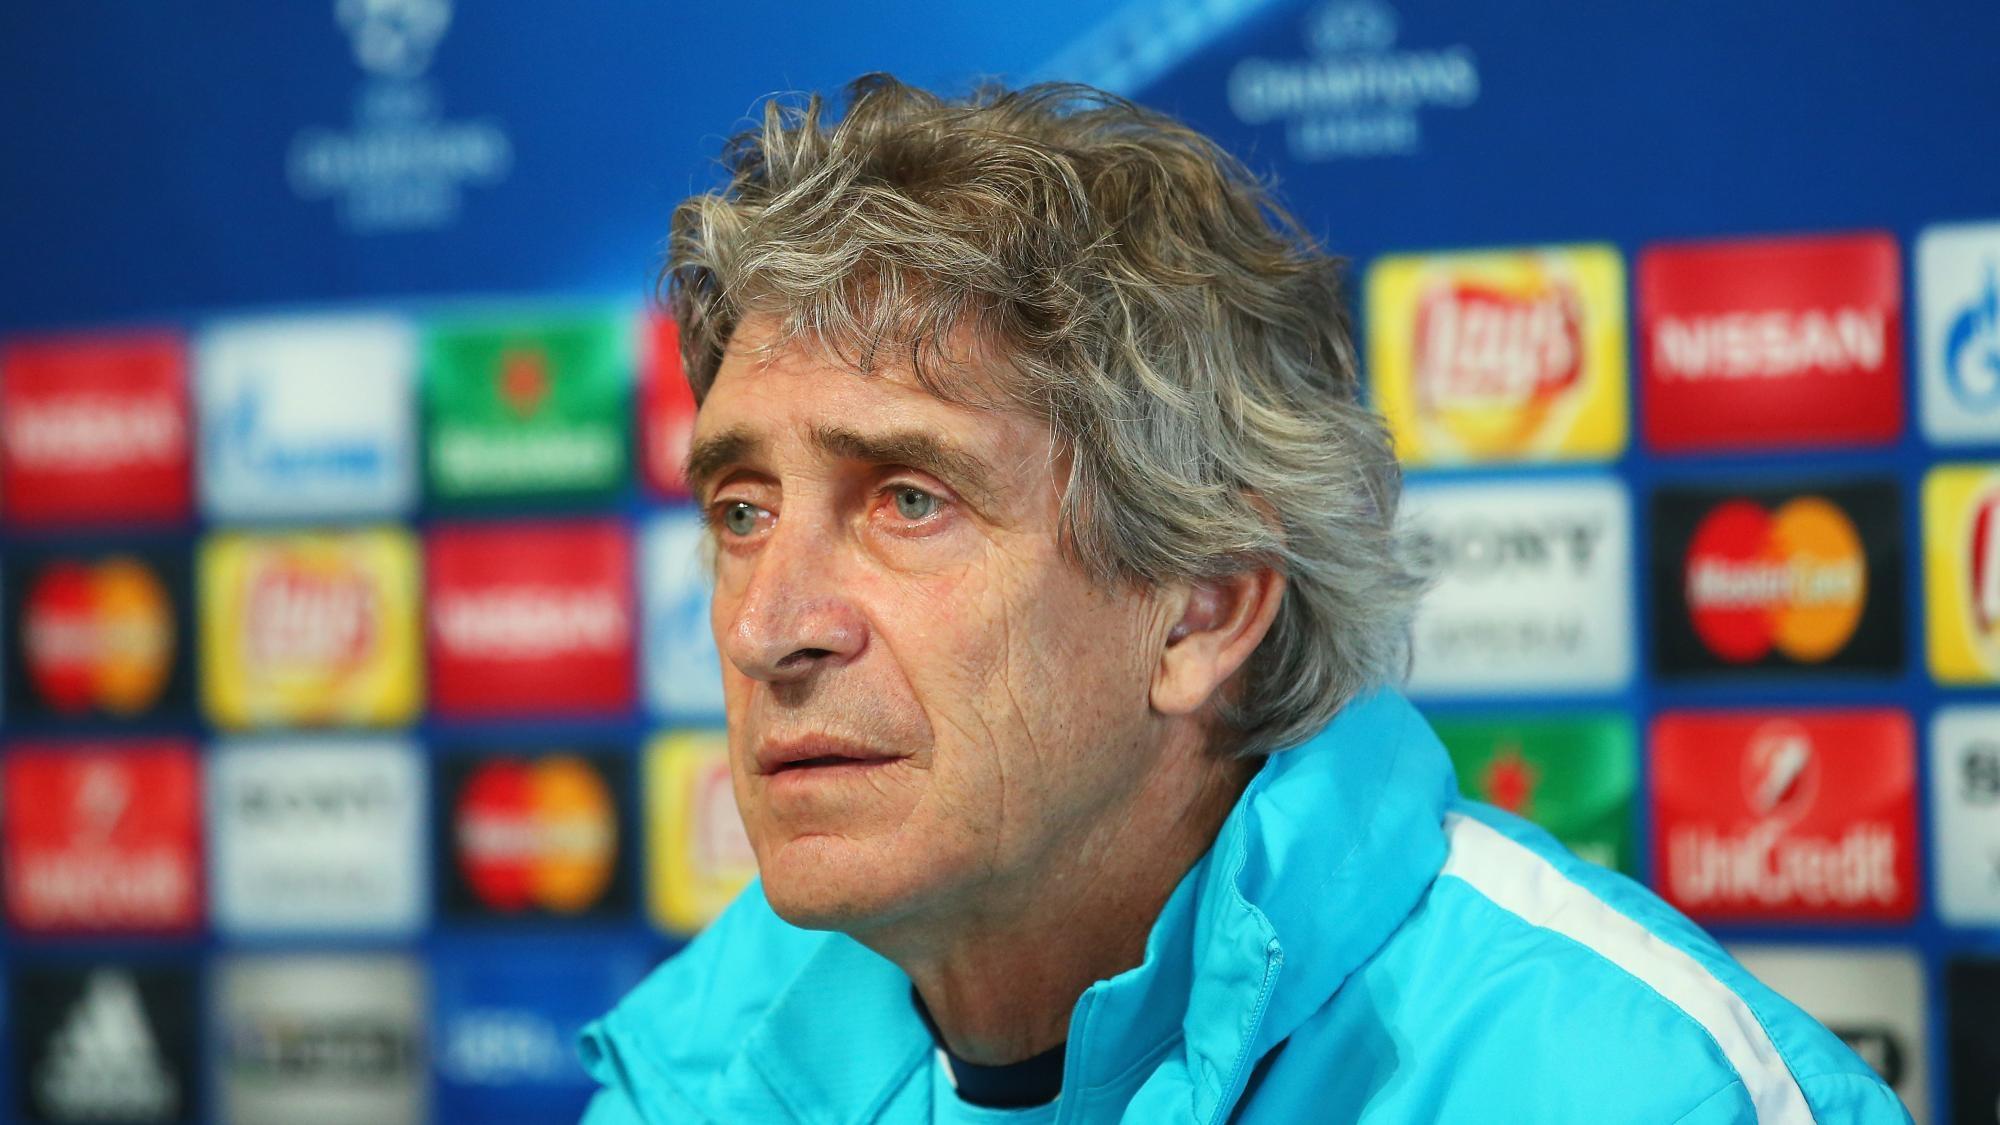 Пеллегрини является главным претендентом на пост главного тренера «Бетиса»